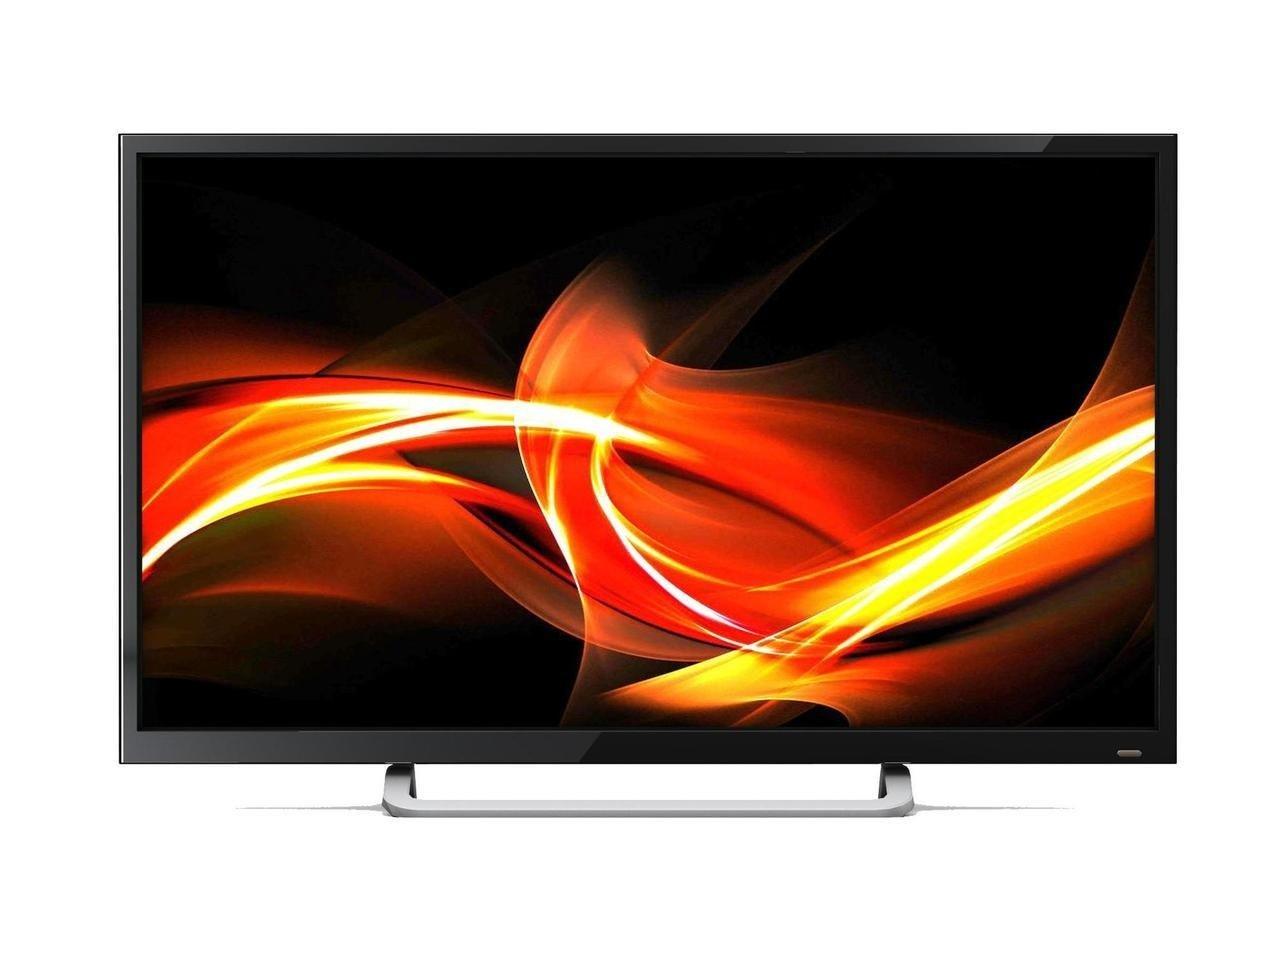 Systeem:<br /> <br /> Resolutie: 1920x1080 (Full-HD)<br /> Achtergrondverlichting: LED<br /> Helderheid: 300cd/m2<br /> Contrast: 1200:1<br /> Openingshoek: 178° horizontaal & verticaal<br /> Reactietijd: 5ms<br /> Kleuren: 16.7M<br /> Input: 1xVGA(D-Sub)/2xHDMI/1xAudio<br /> Output: 1x Speaker<br /> Algemeen